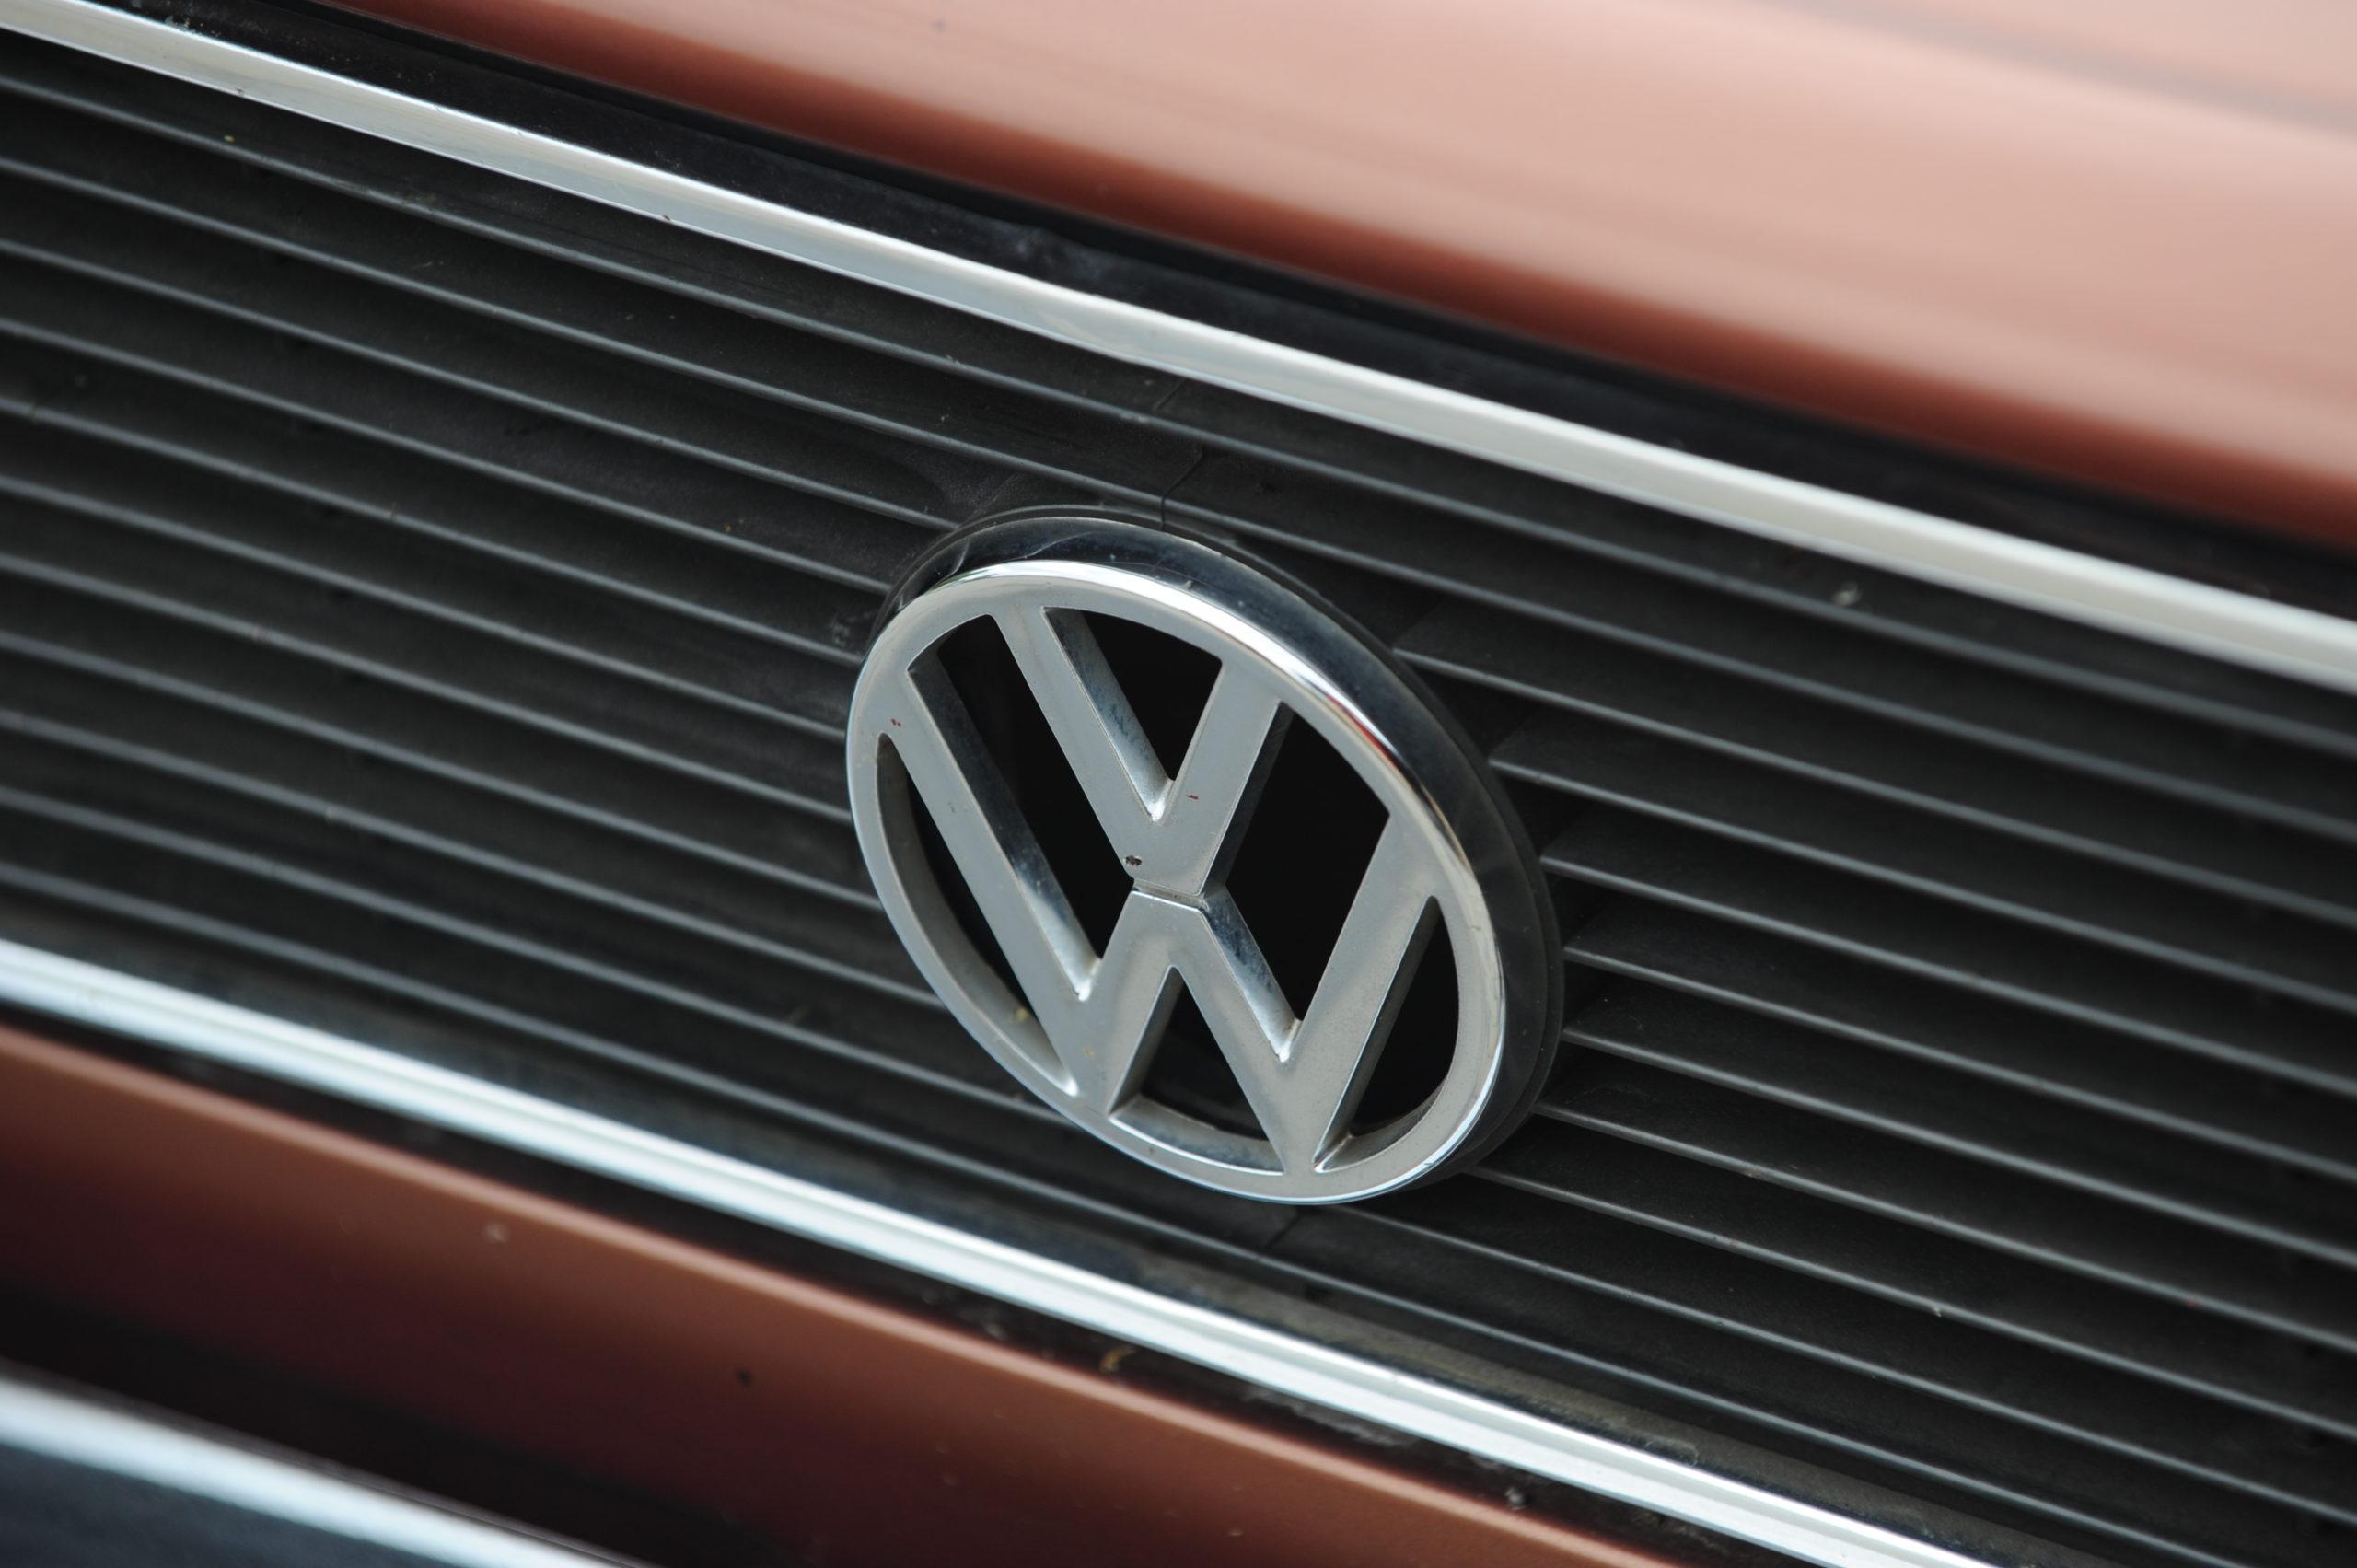 Tuning-VW-Caddy-Typ-14d-logo VW na grillu